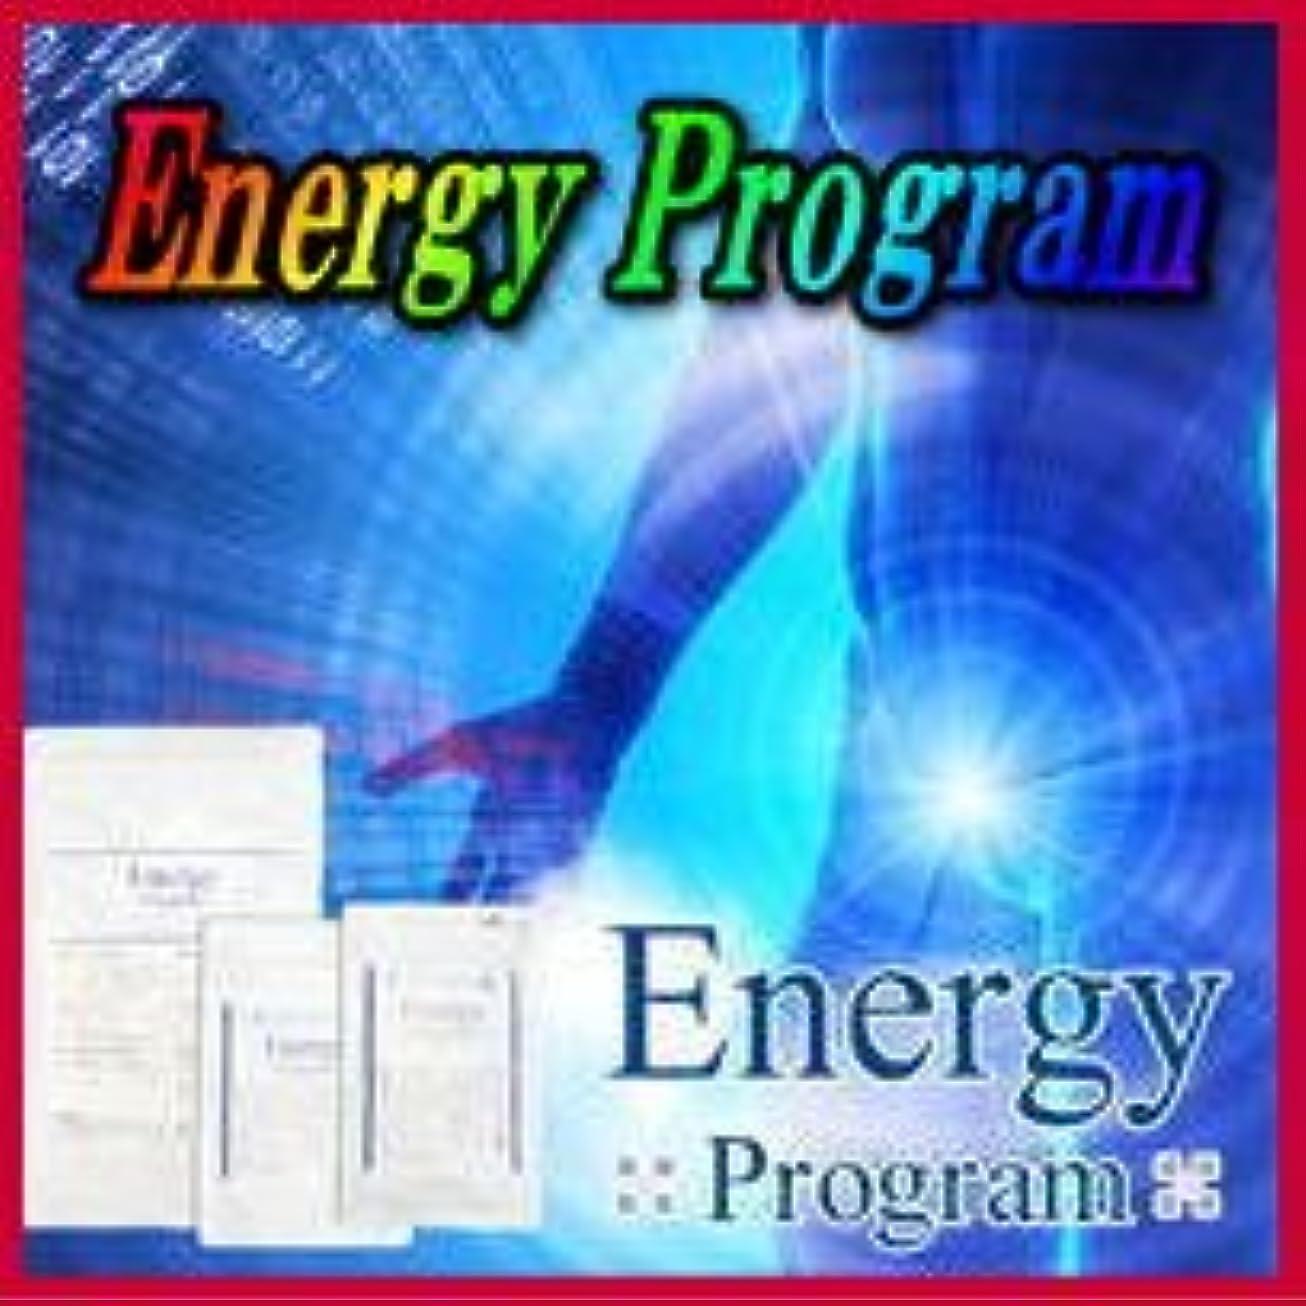 高潔なモッキンバード去る★Energy Program(エナジープログラム) サプリ+ドリンク強力融合でシトルリンンとアルギニンが強力コラボ!